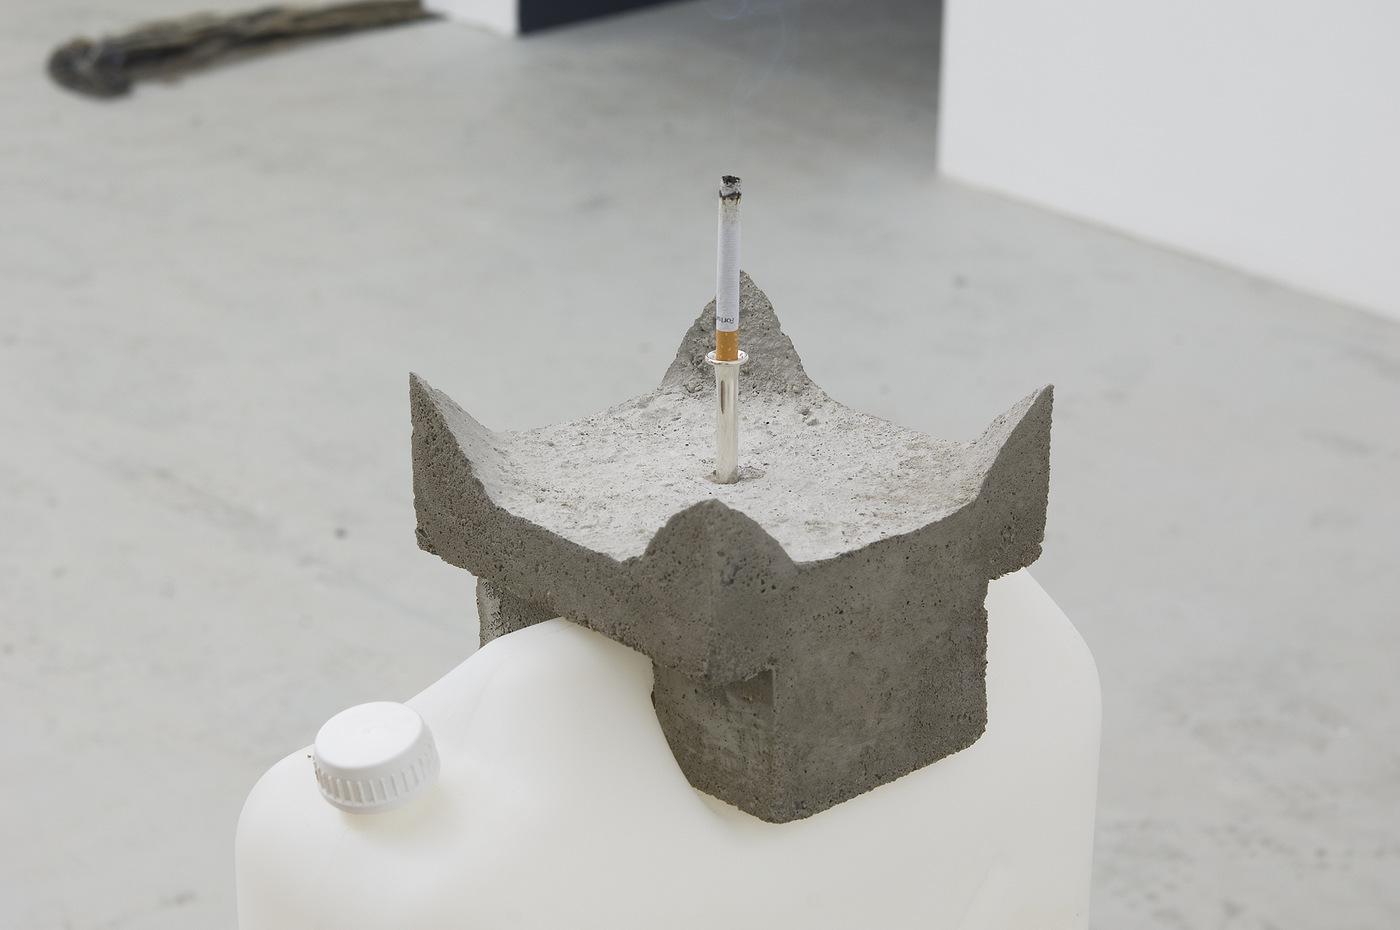 10 Mischa Doorenweerd, Sacrificial Altar (Fortuna), 2016